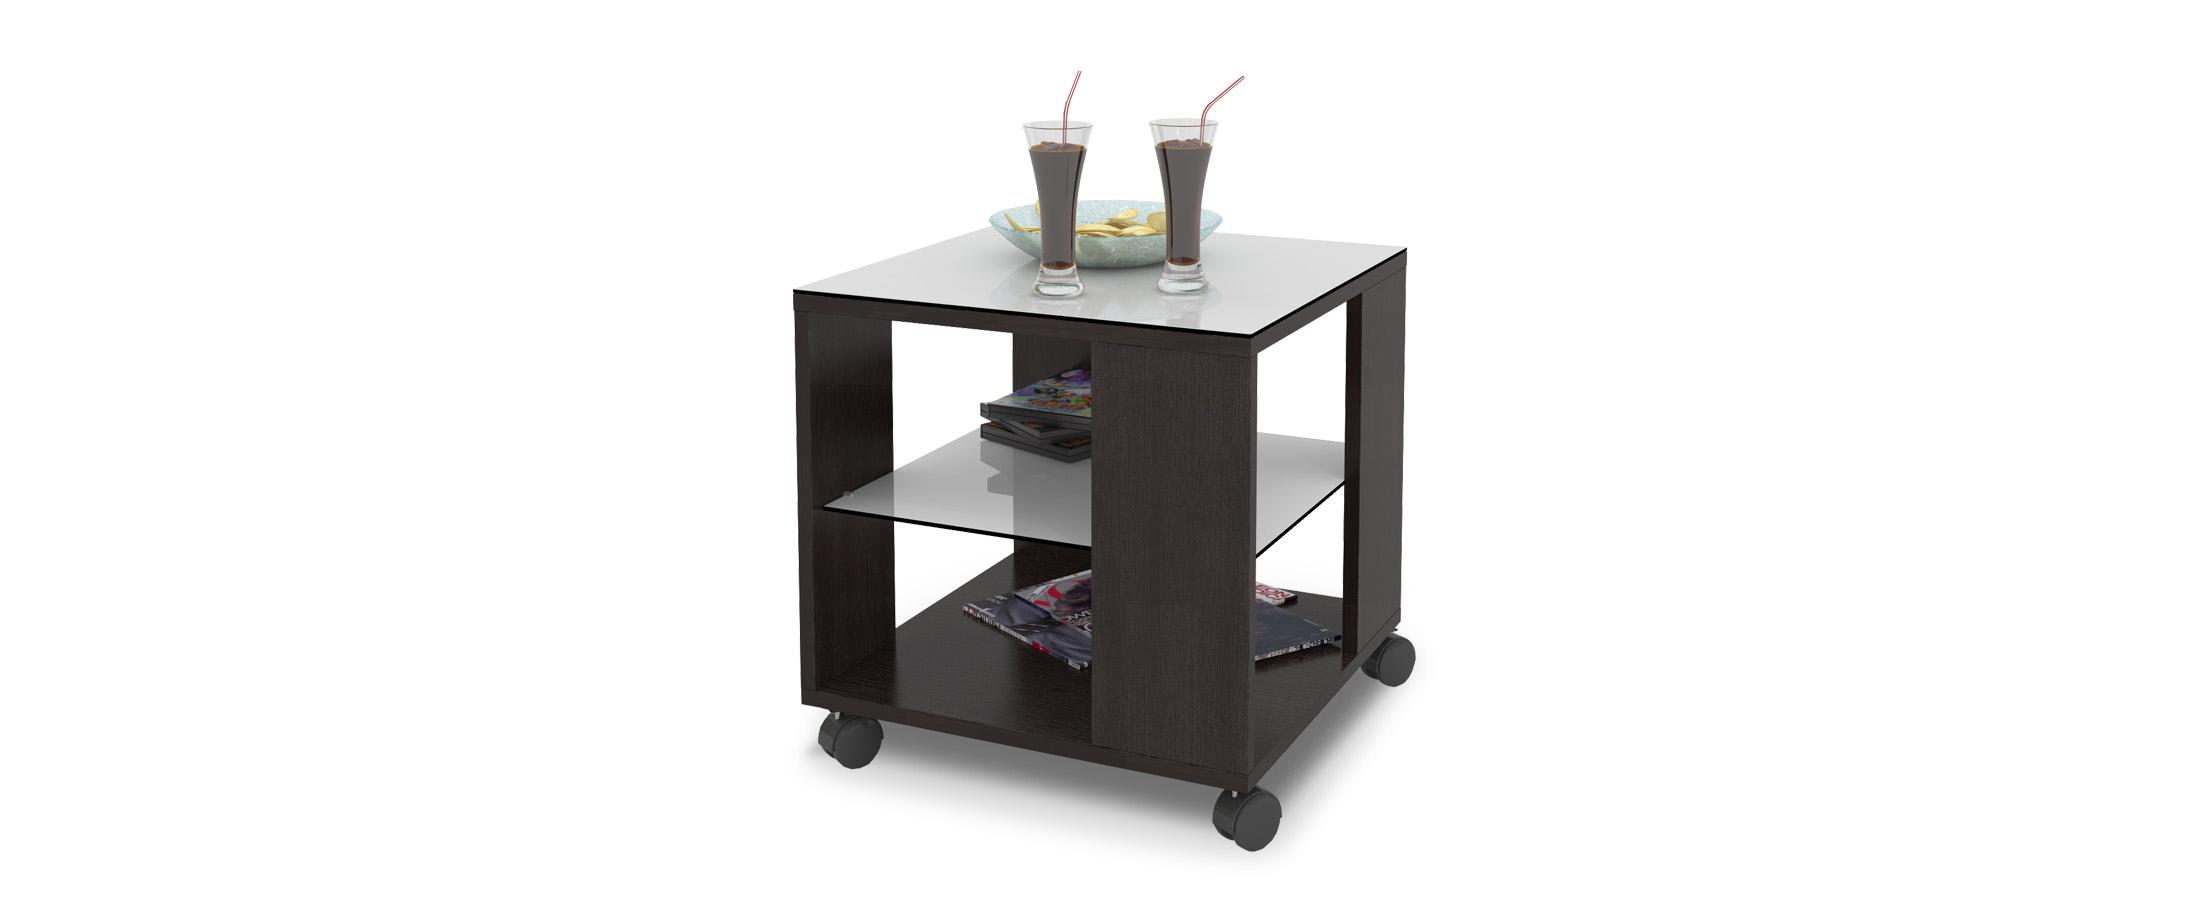 Журнальный стол Mayer 2 Модель 341Стильный четырёхколёсный стол легко передвигается по любому покрытию. Столешница из закалённого стекла, плюс две дополнительные полочки. Гарантия 18 месяцев.<br>